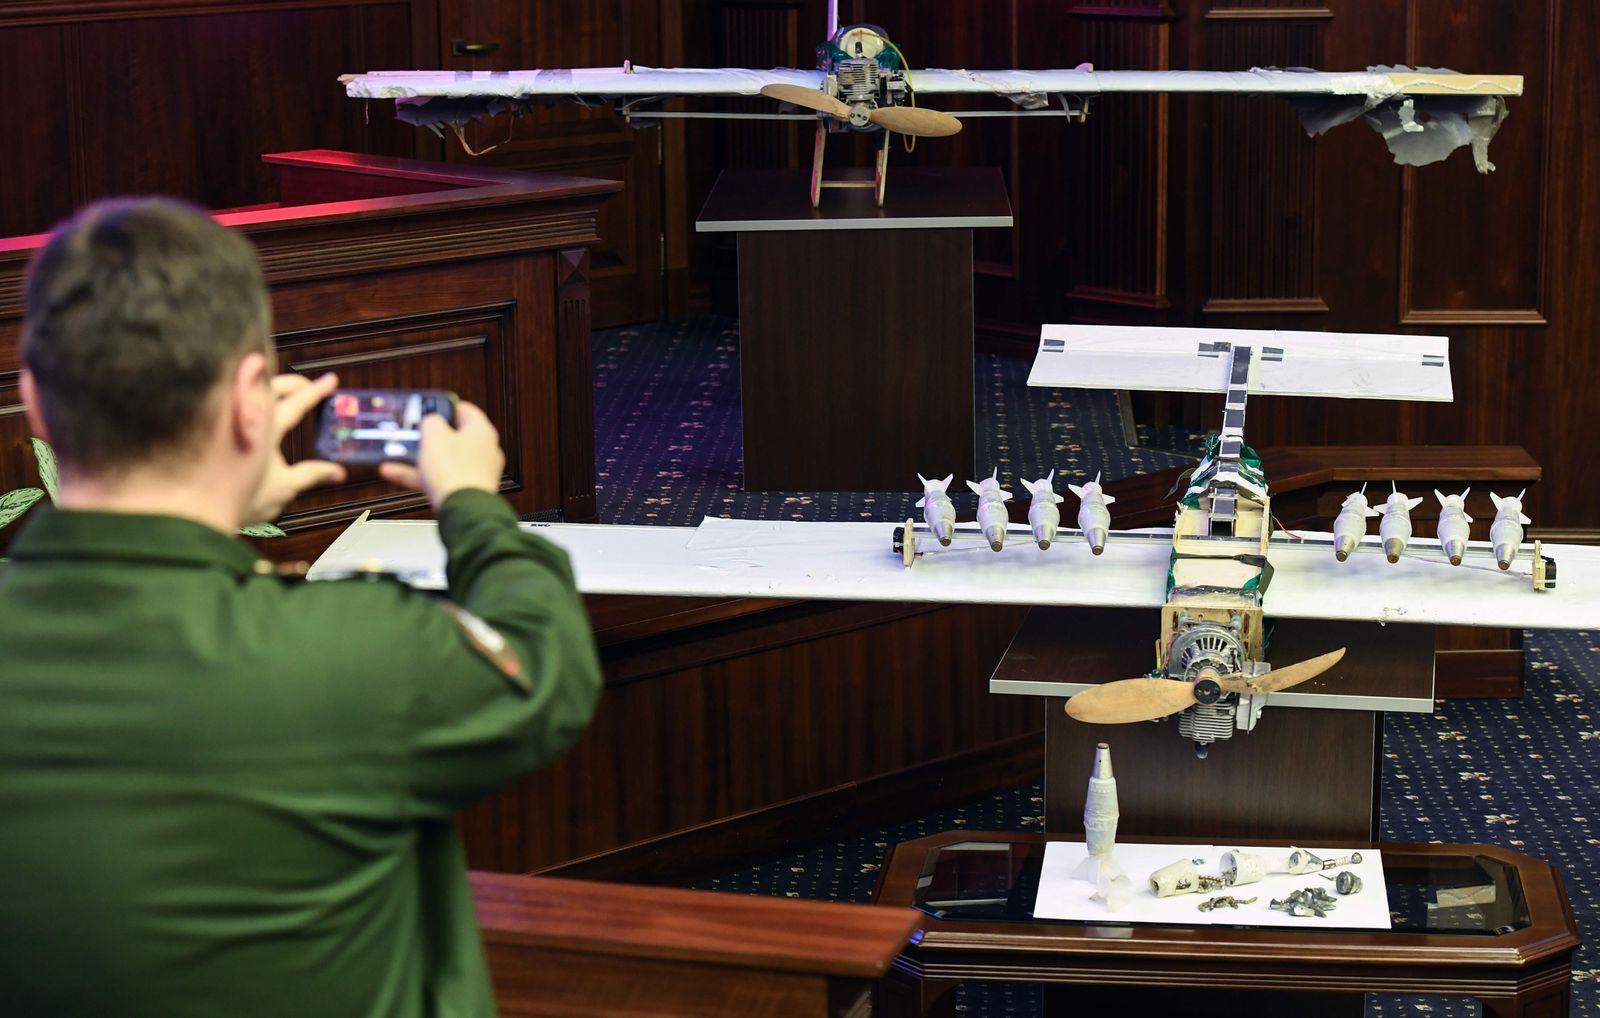 Syrien/ Drohne/ russische Basen